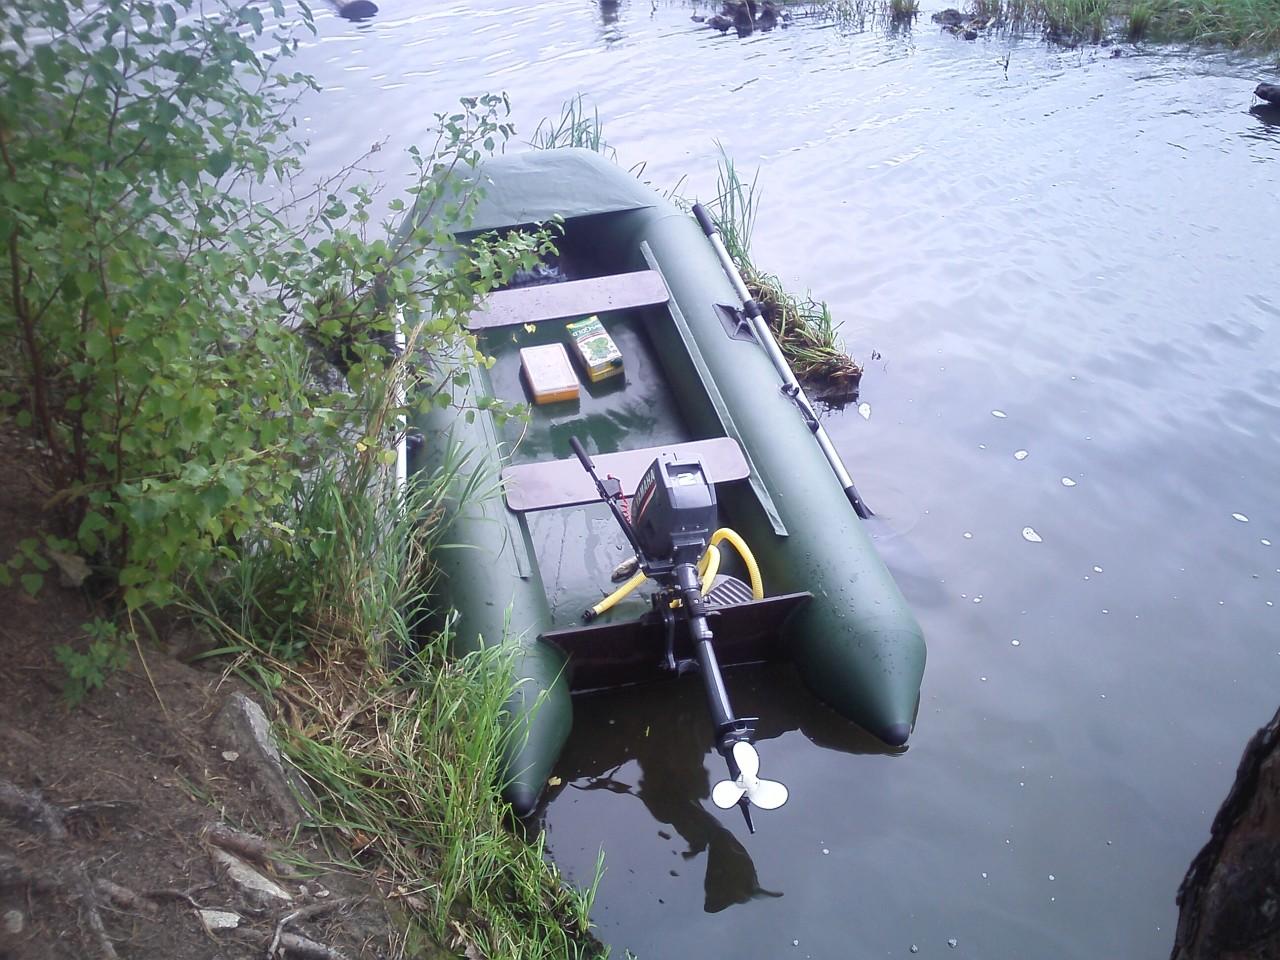 рыбалка на резиновой лодке картинки сияние будет